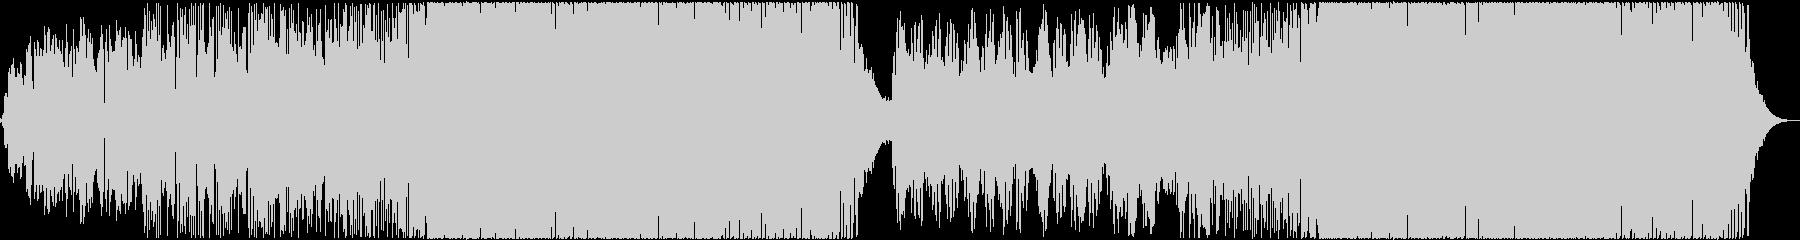 展開が大きいピアノEDMの未再生の波形